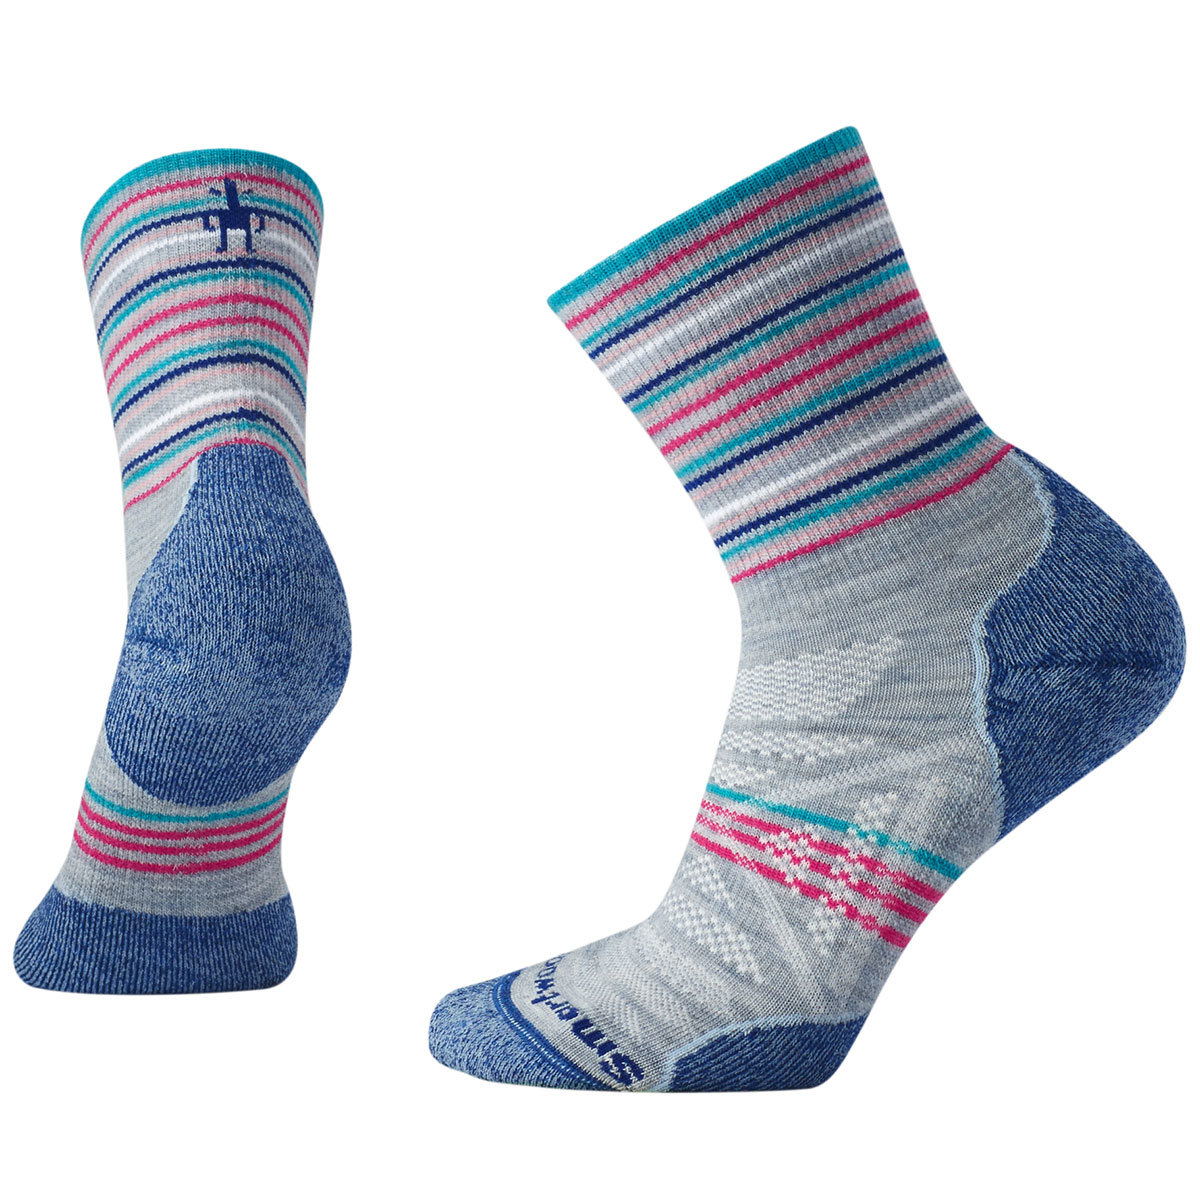 Smartwool Women's Phd Outdoor Light Pattern Mid Crew Socks - Blue, L